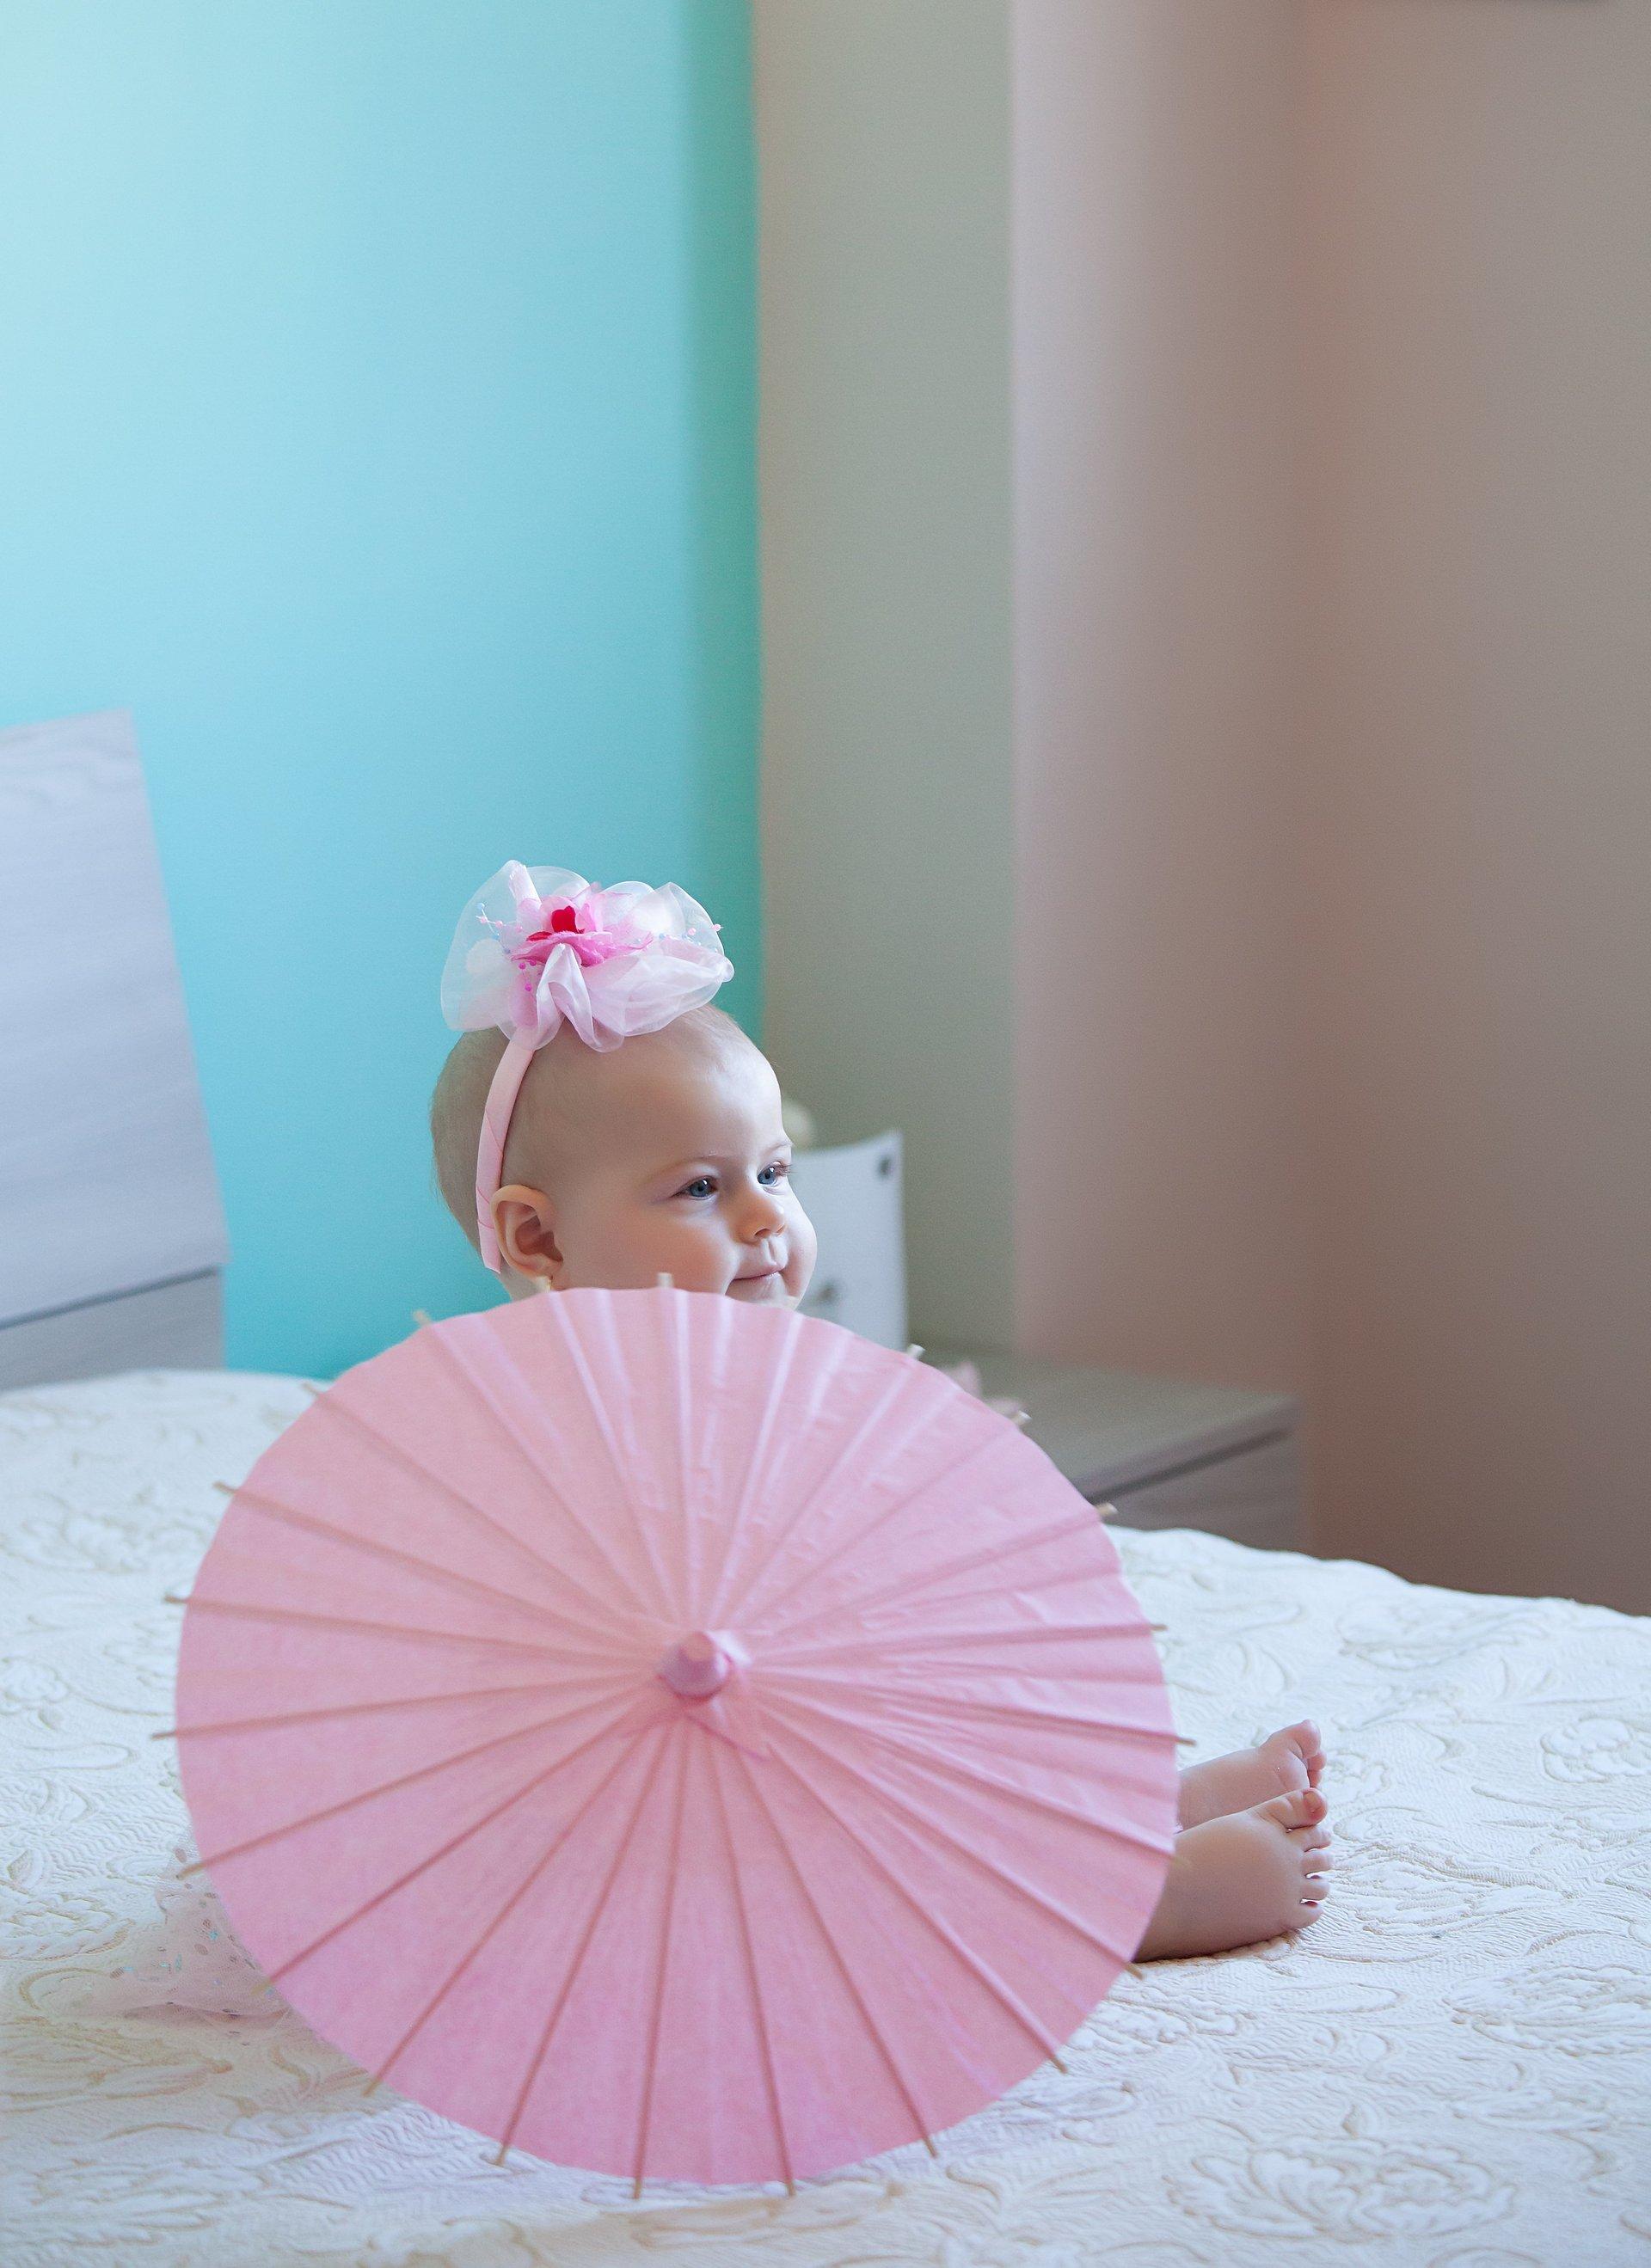 bambina su un letto con ombrellino rosa